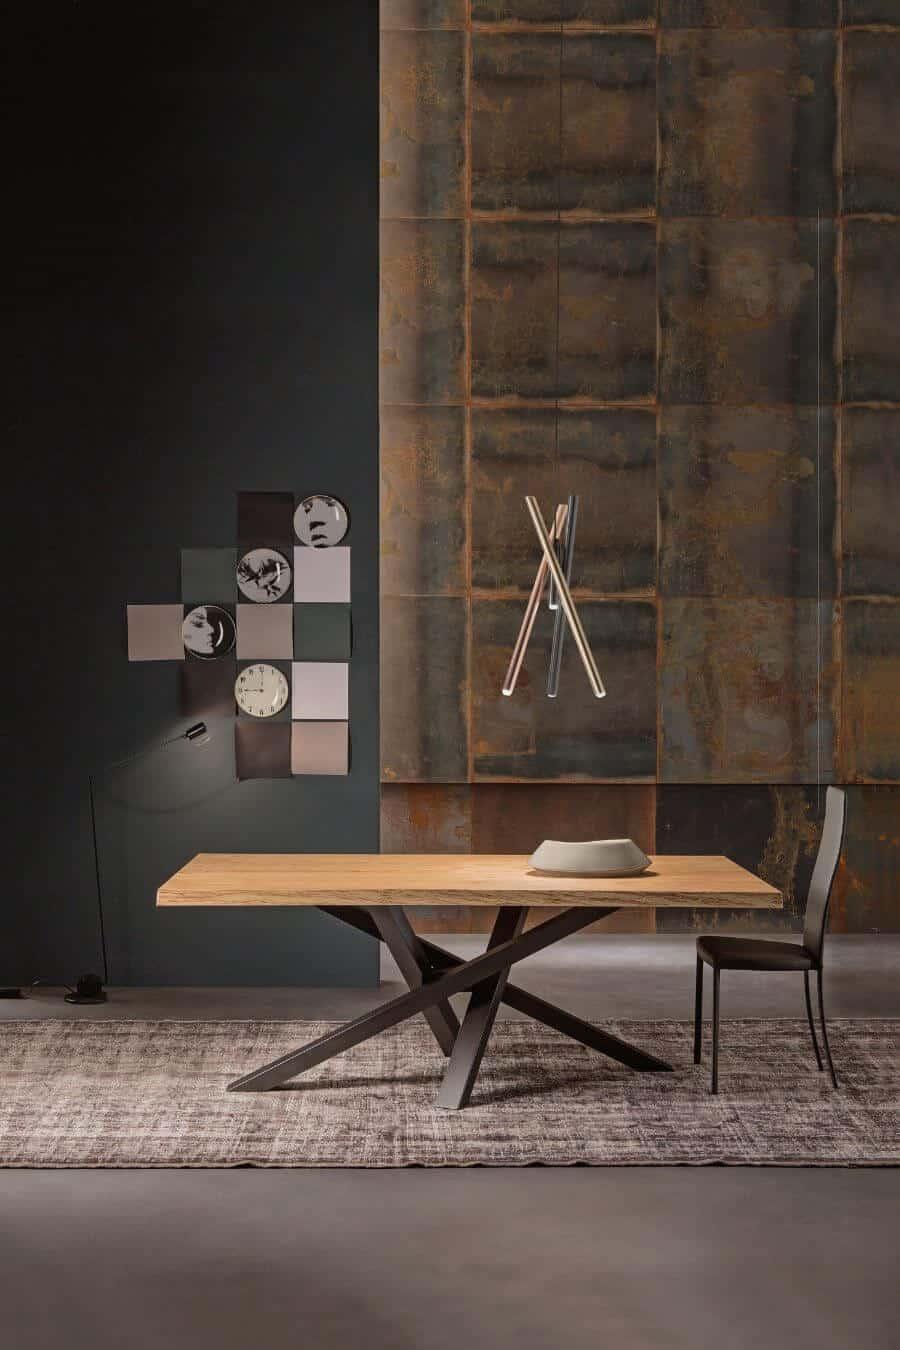 tavoli-collezione-riflessi-shangai-legno-il-mobile